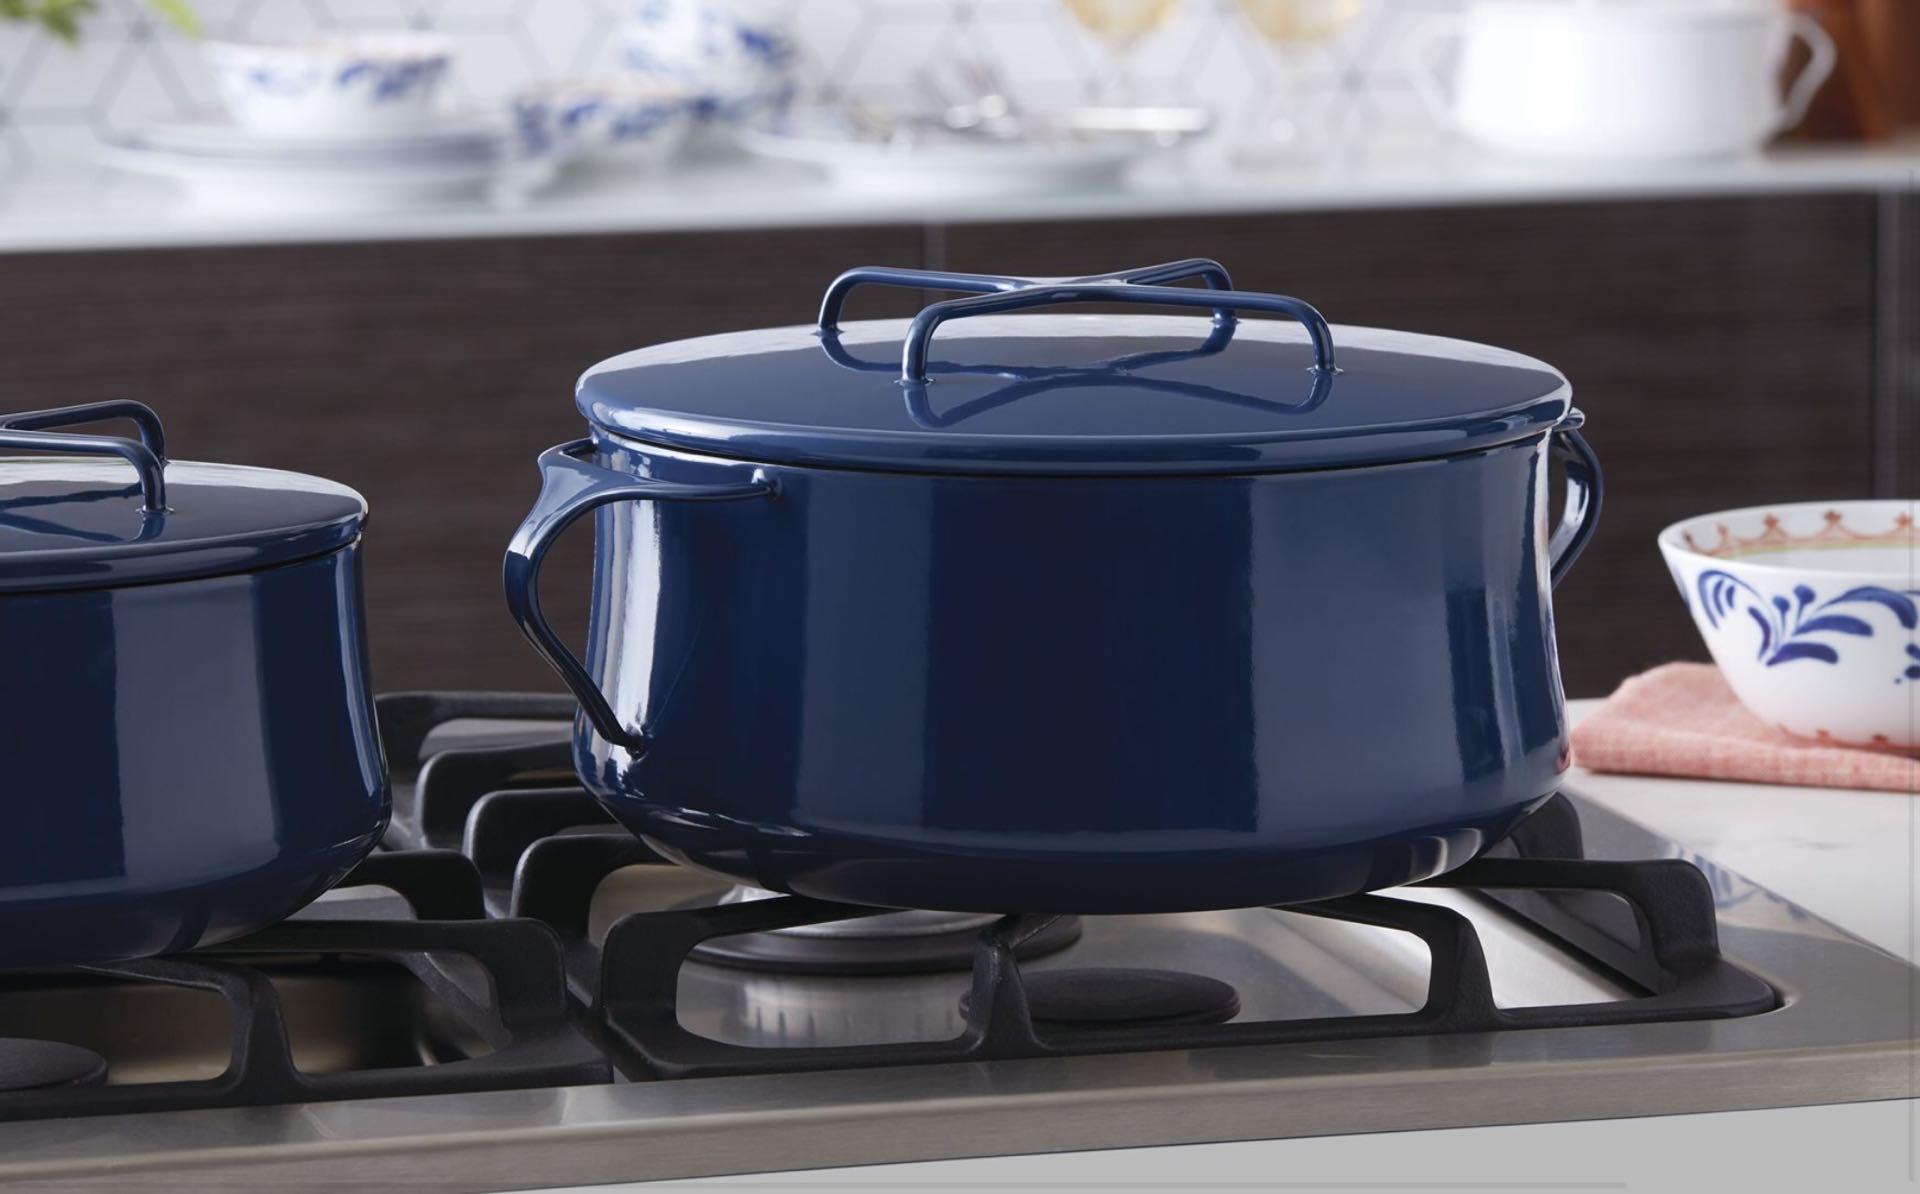 dansk-kobenstyle-cookware-in-midnight-blue